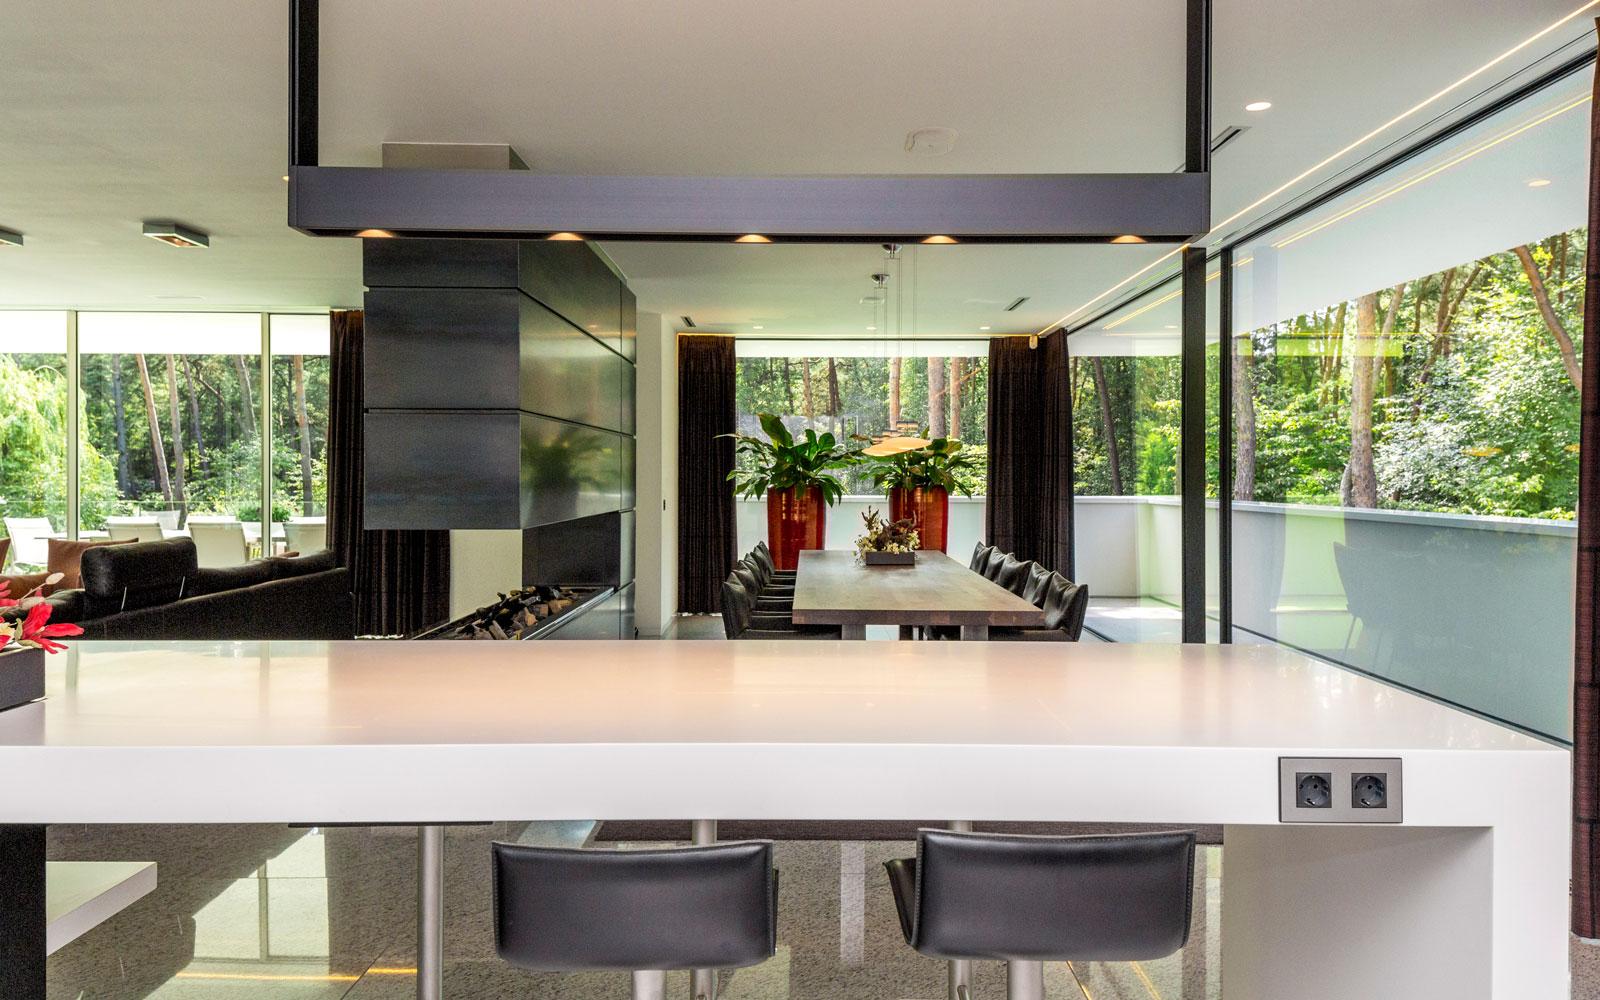 Keuken, woonkamer, open haard, Boley, grote ramen, MBH, minimalistische villa, VLCS Architecten